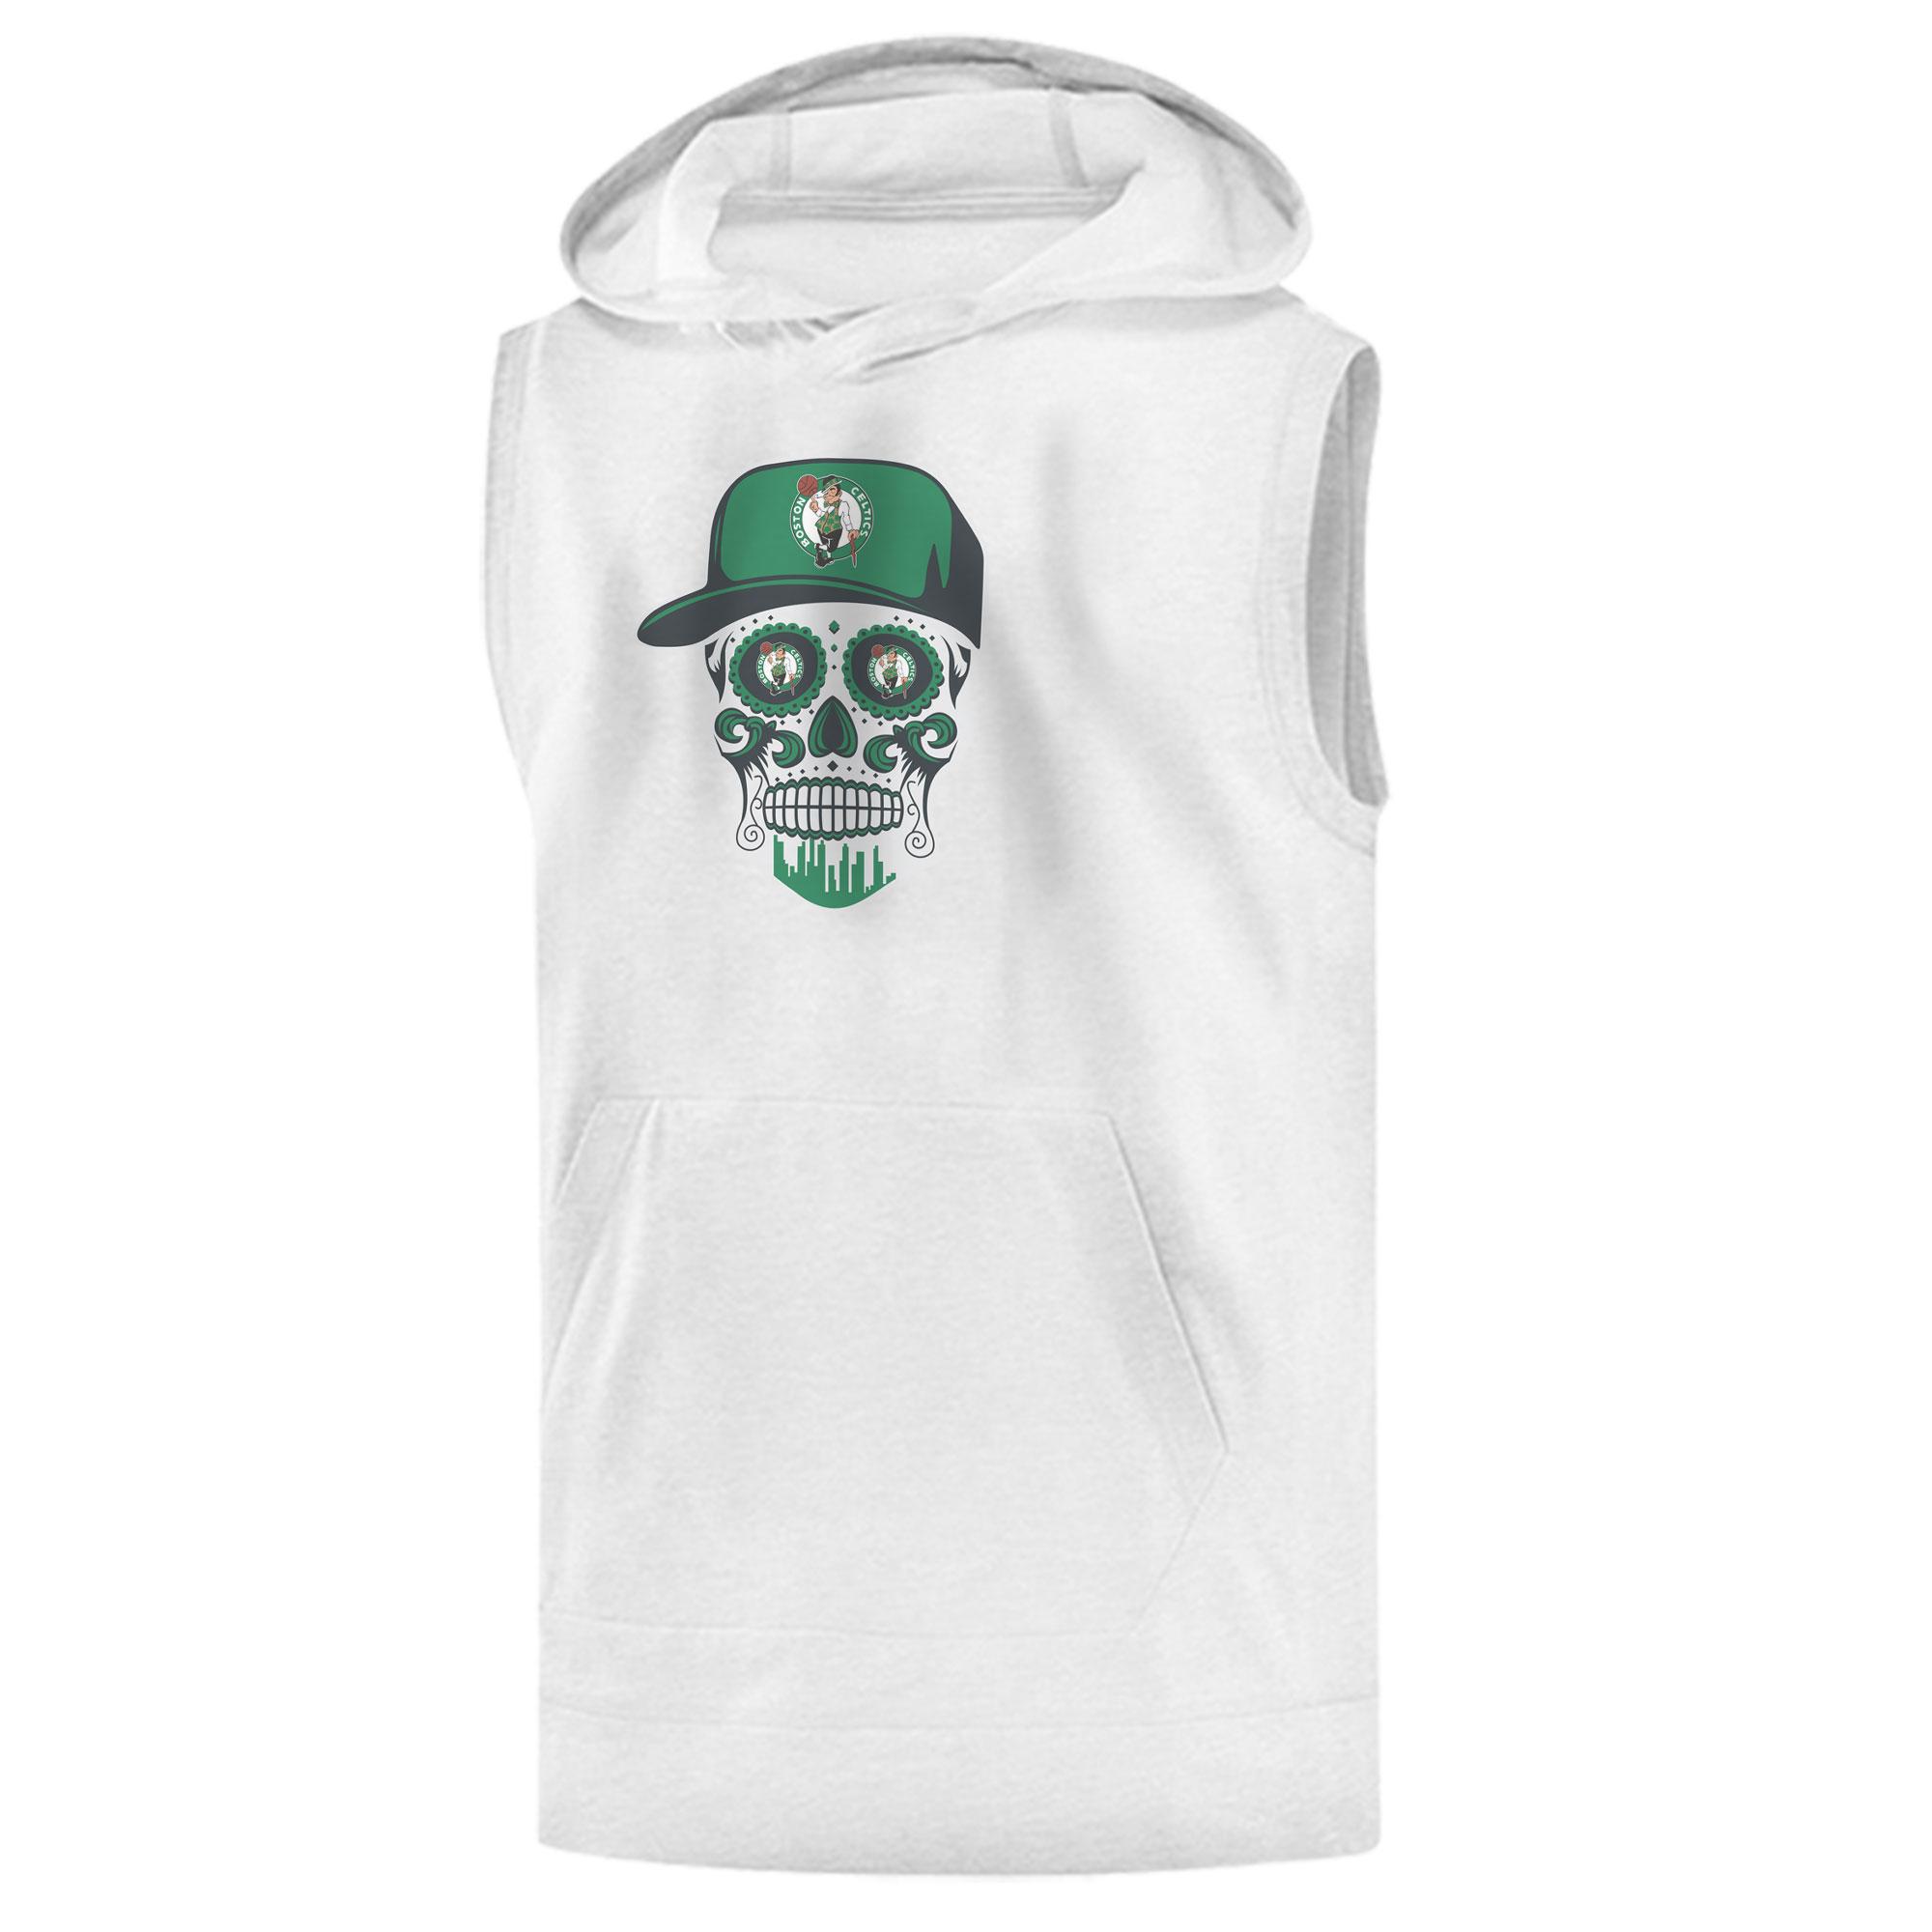 Celtics Skull  Sleeveless (KLS-WHT-NP-448-NBA-BSTN-SKULL)